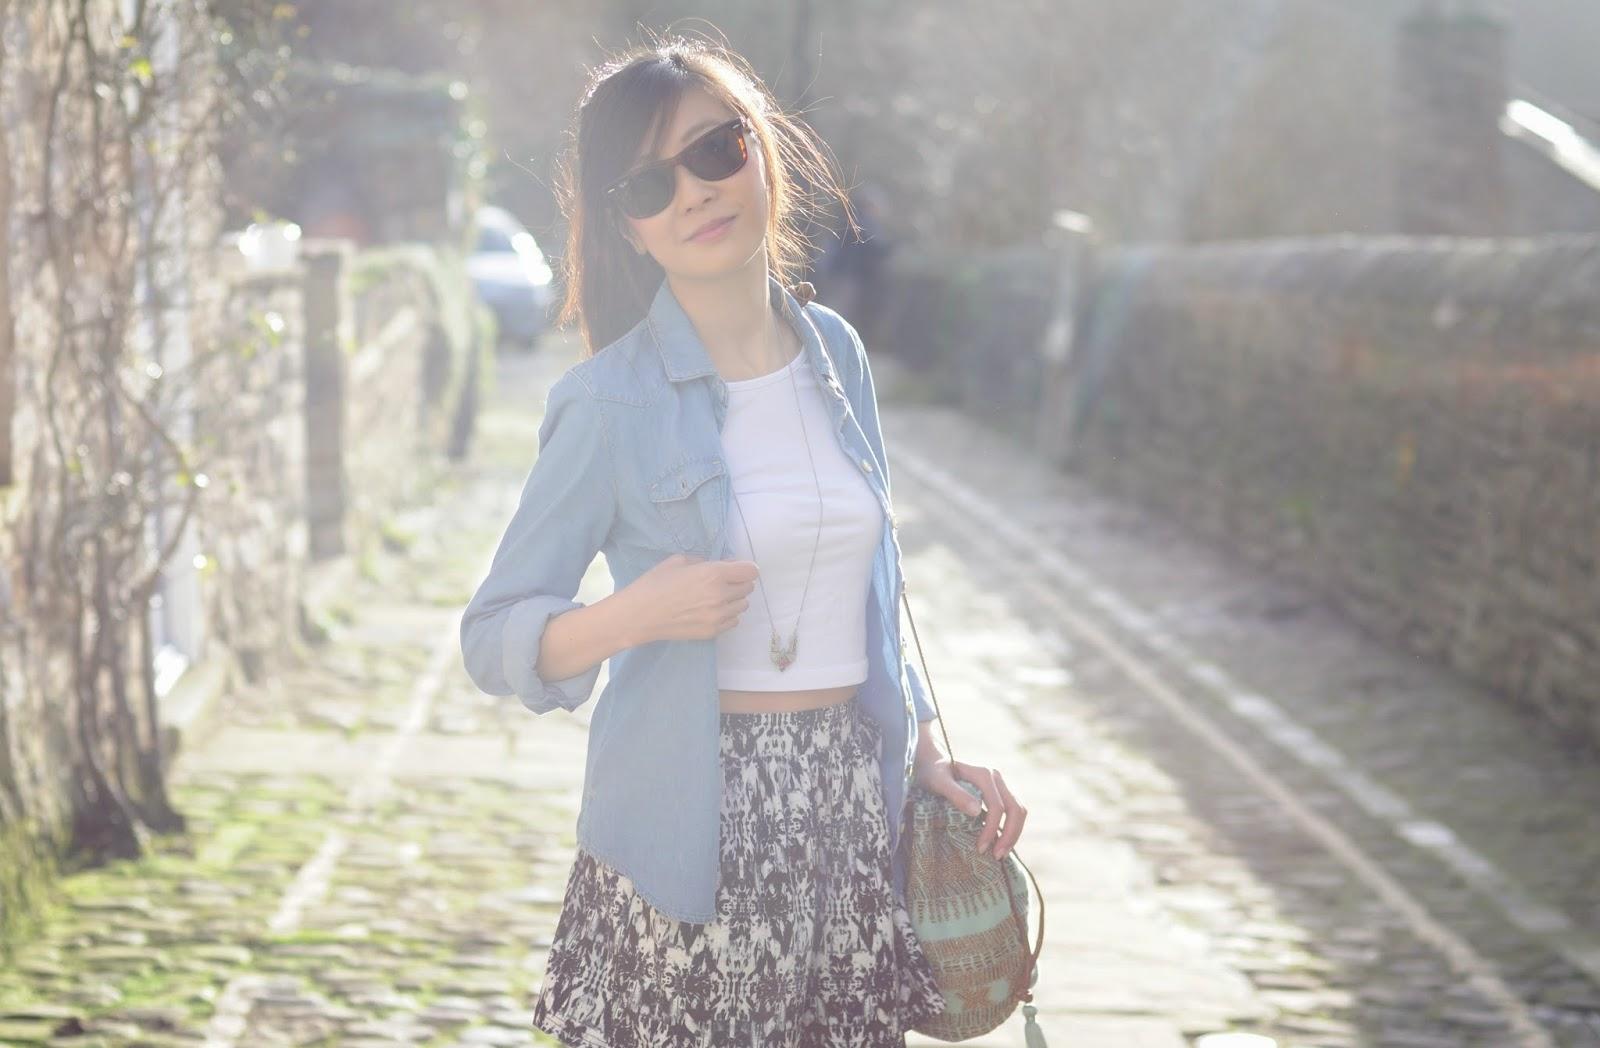 fashion blogger uk, uk fashion blog, uk style blogger